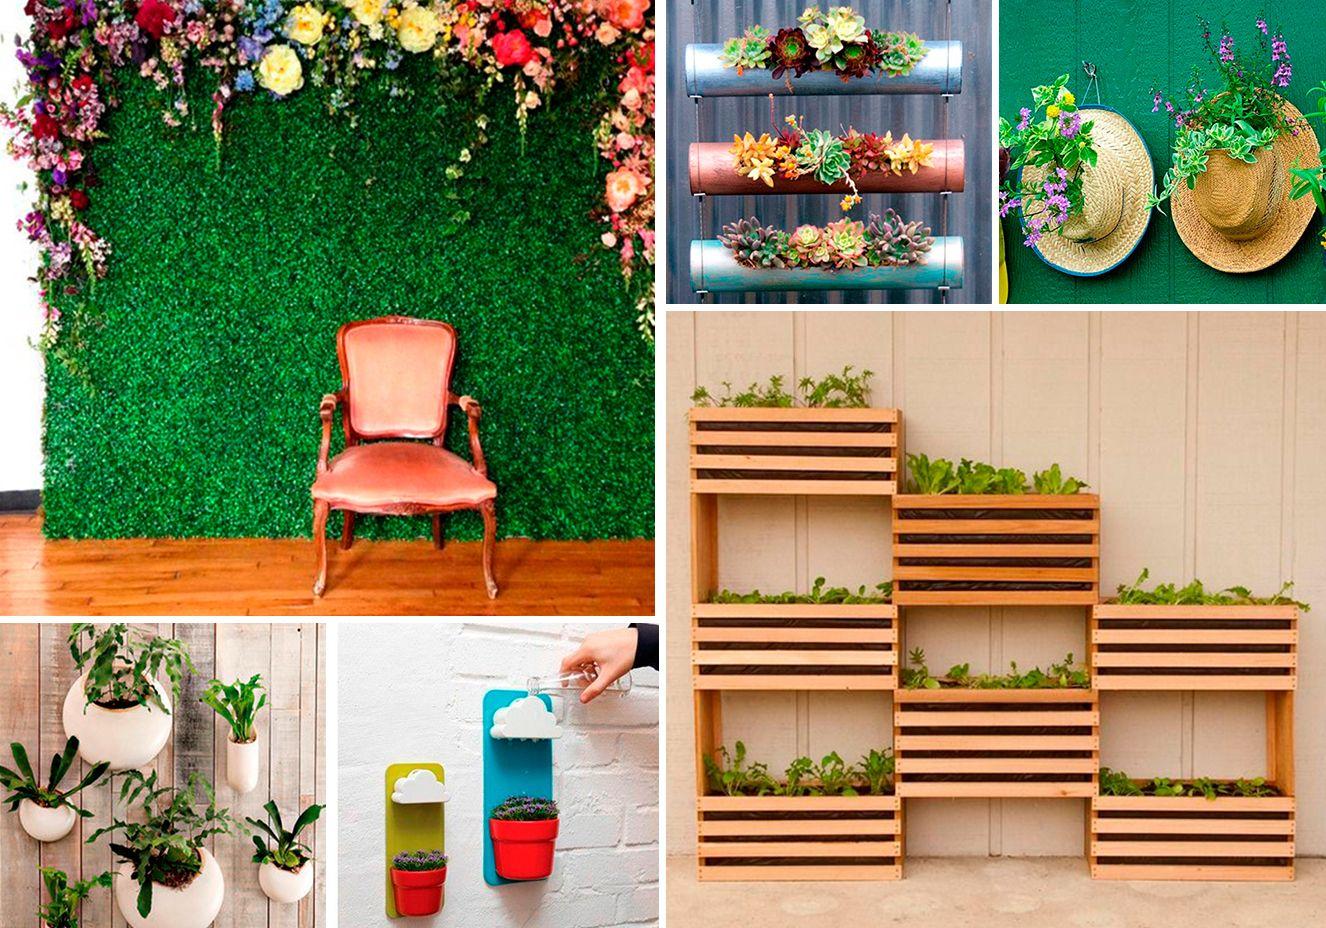 Ideias simples e criativas para montar um pequeno jardim